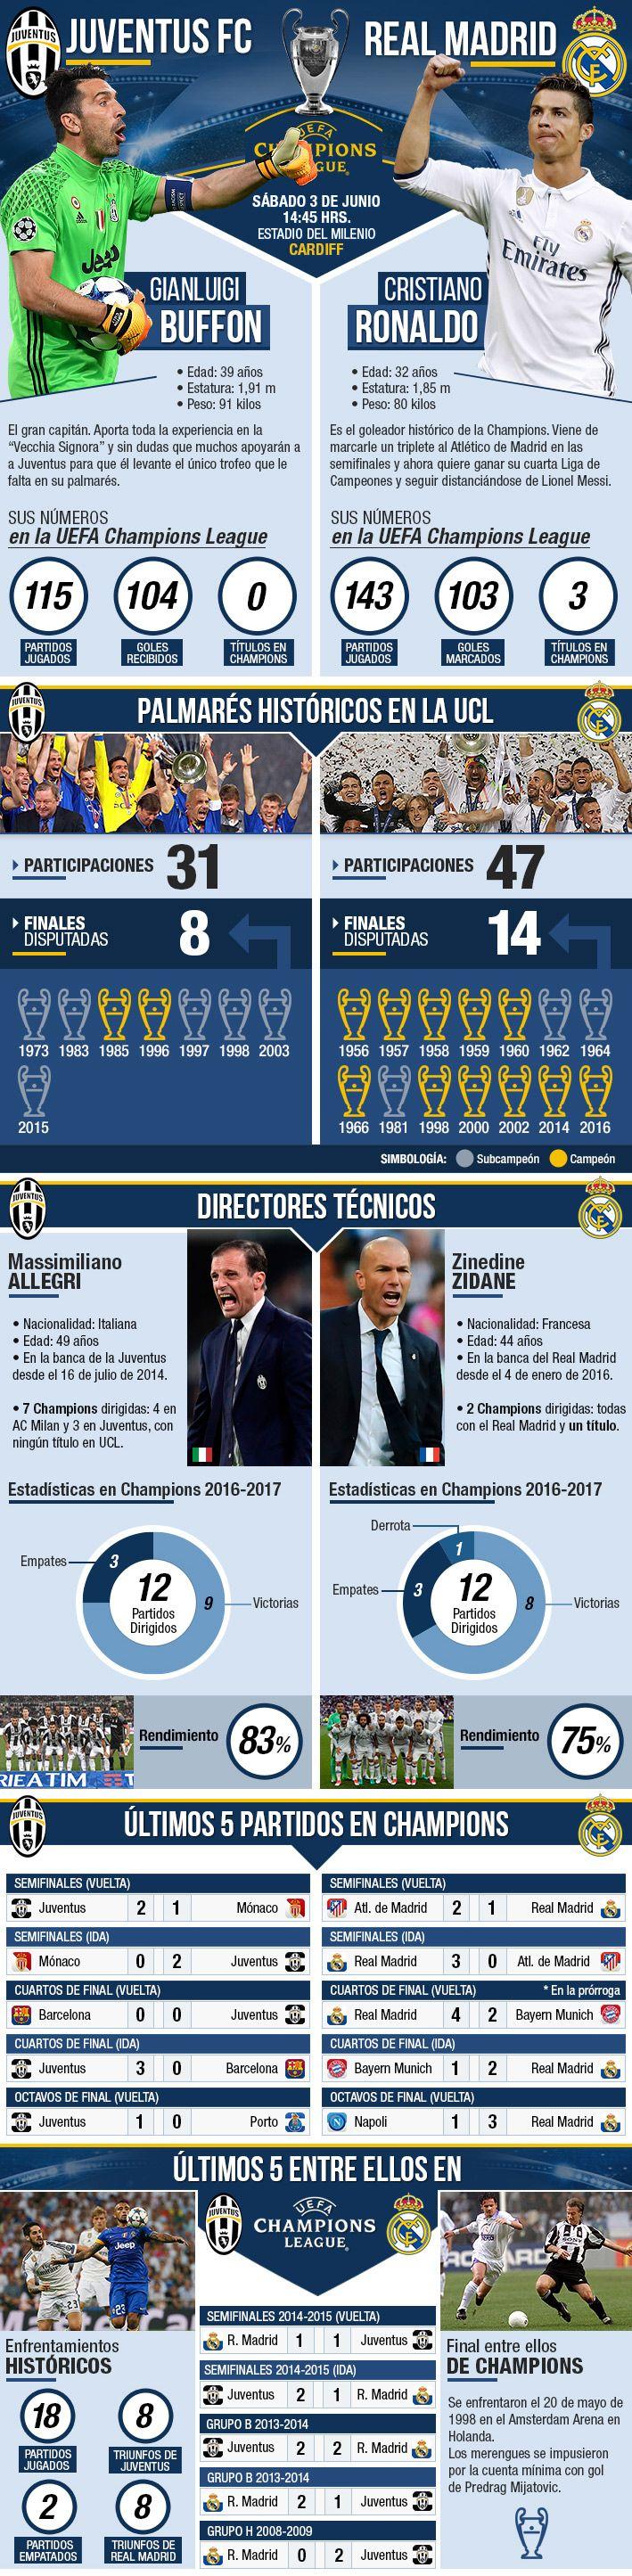 El espectacular camino de Juventus y Real Madrid hacia la gran final de hoy de la Champions  #realmadrid #juventus #buffon #cristianoronaldo